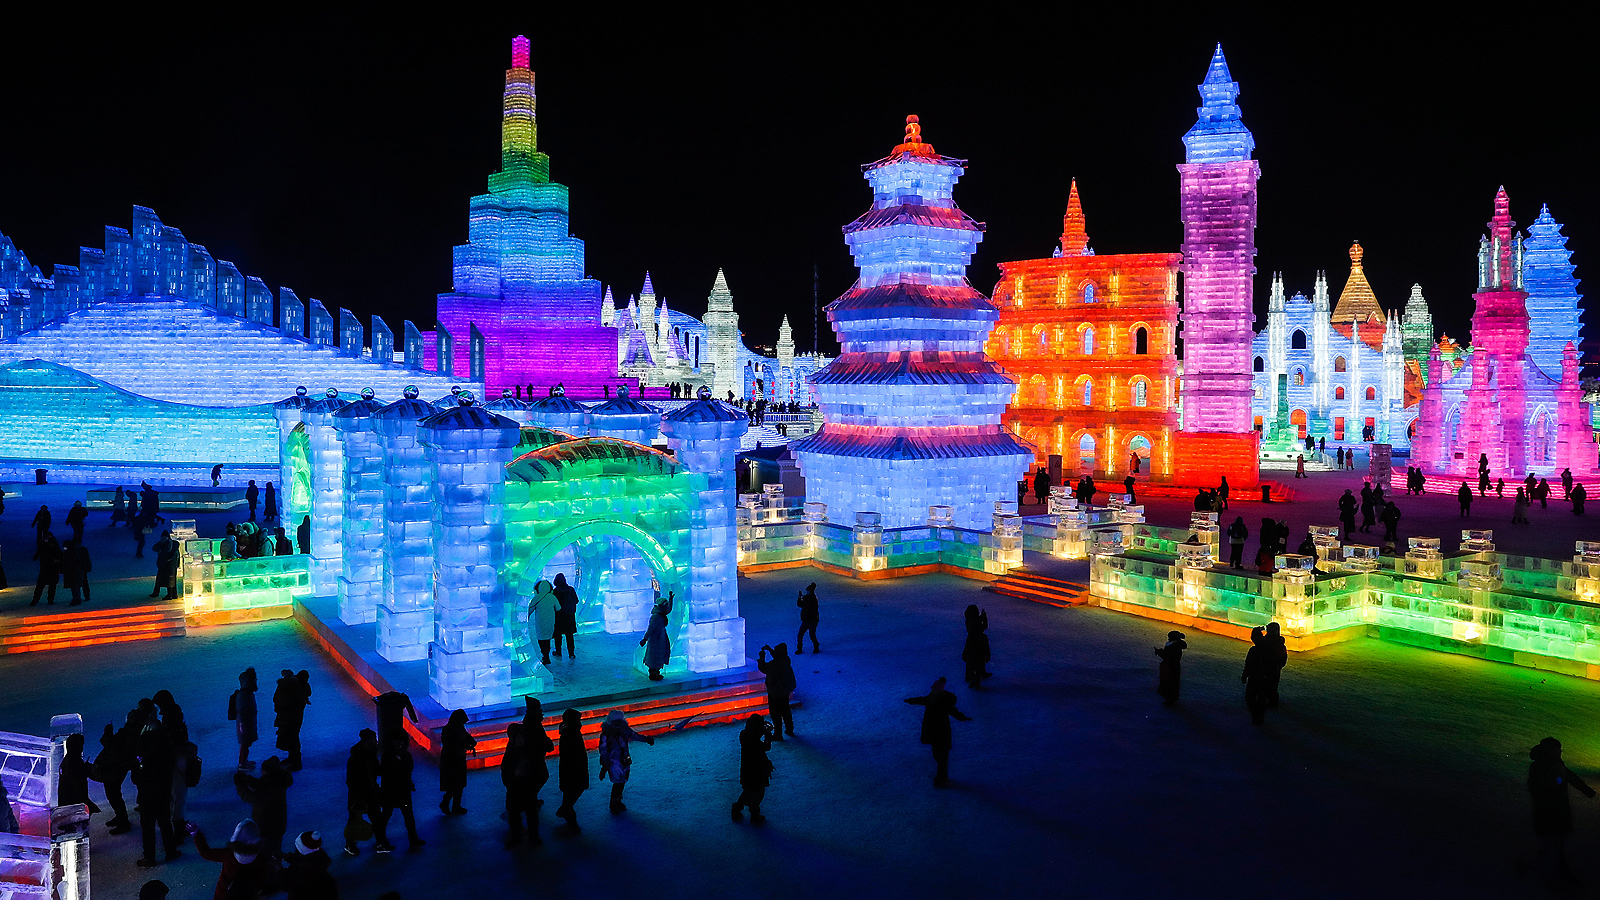 Светлините придават уникален характер на всяка ледена скулптура, а цялостния вид на създадения град прилича на магична приказка.